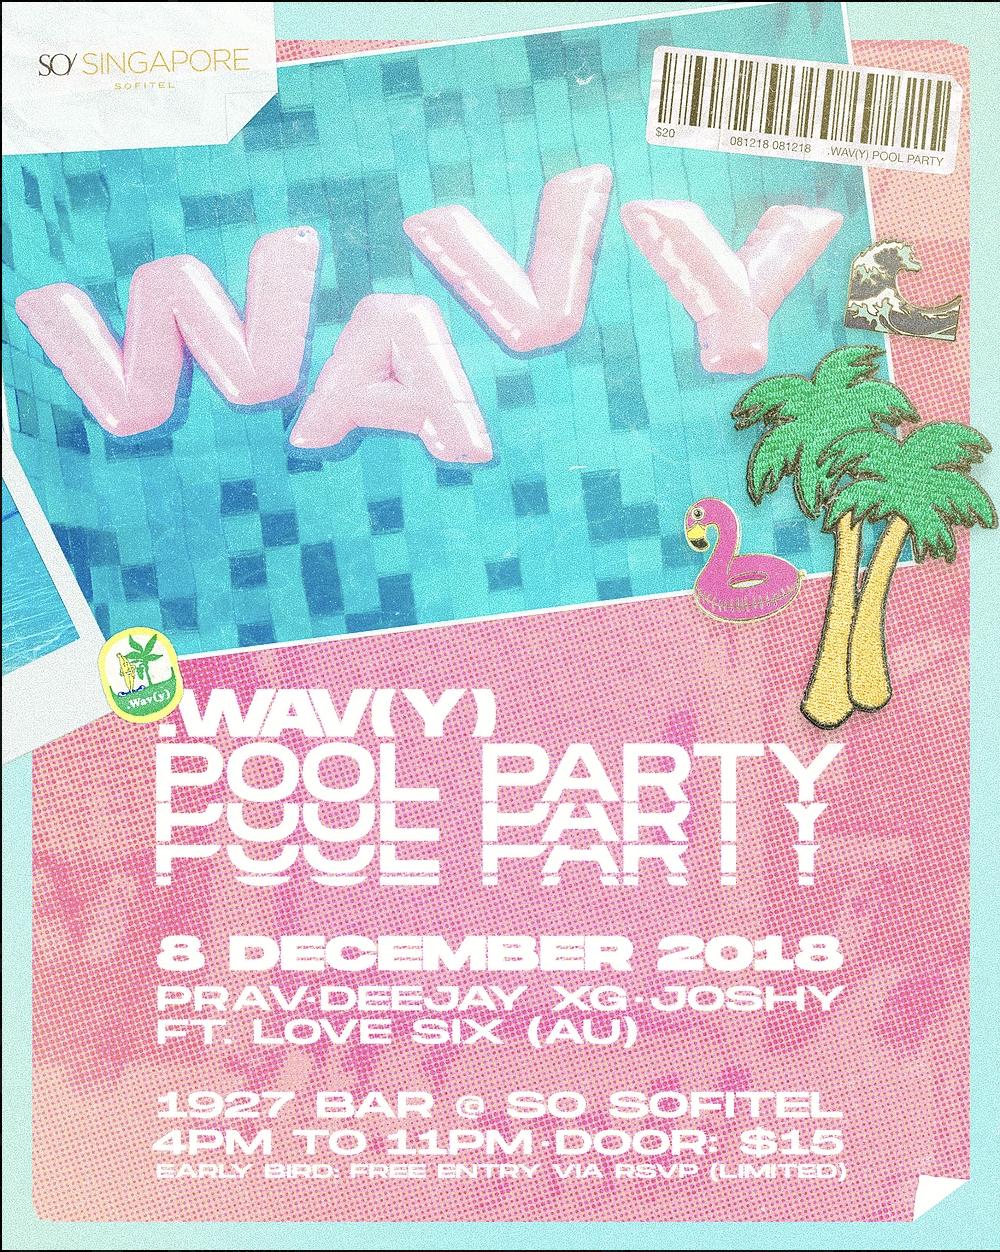 .WAV(Y) POOL PARTY